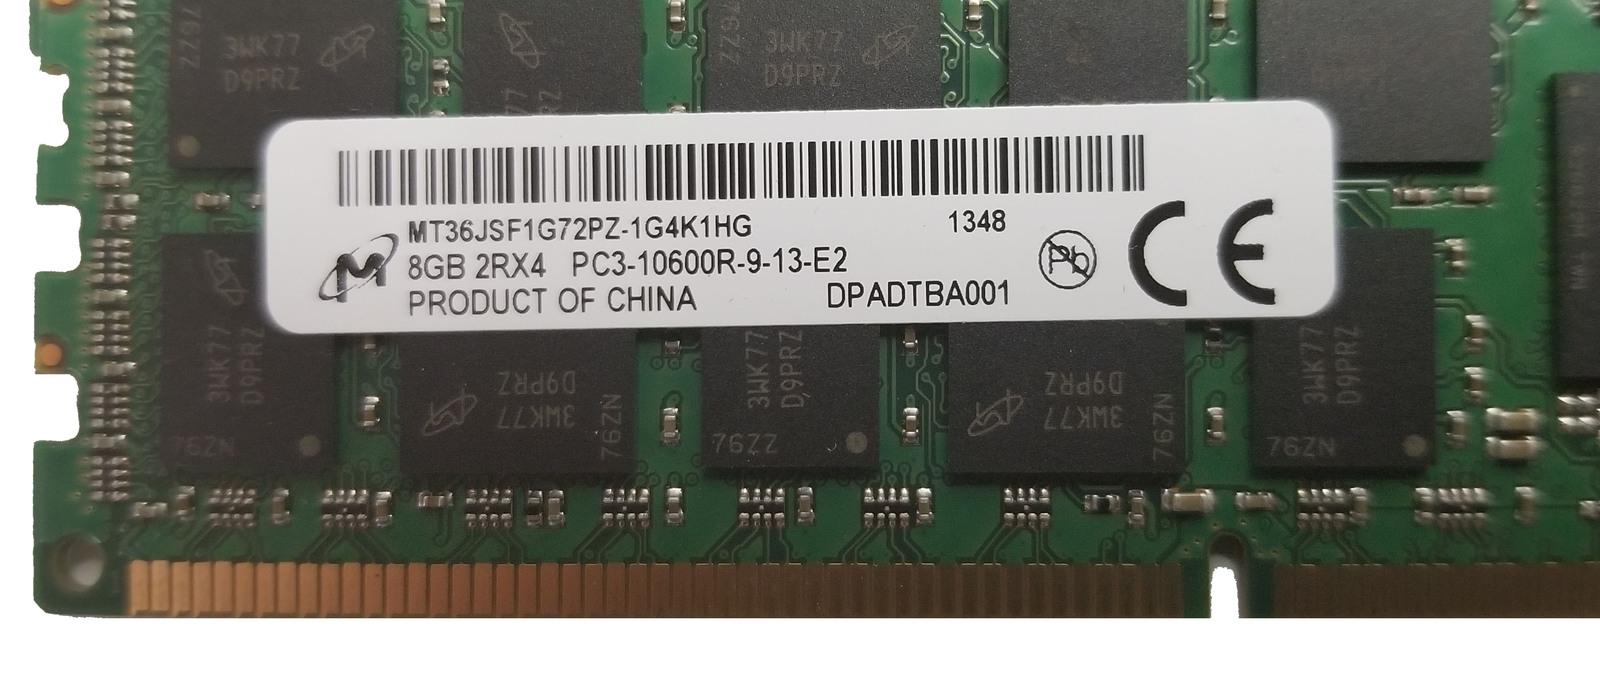 Micron 8GB PC3-10600R MT36JSF1G72PZ Server RAM (LOTOF4) Bin:6